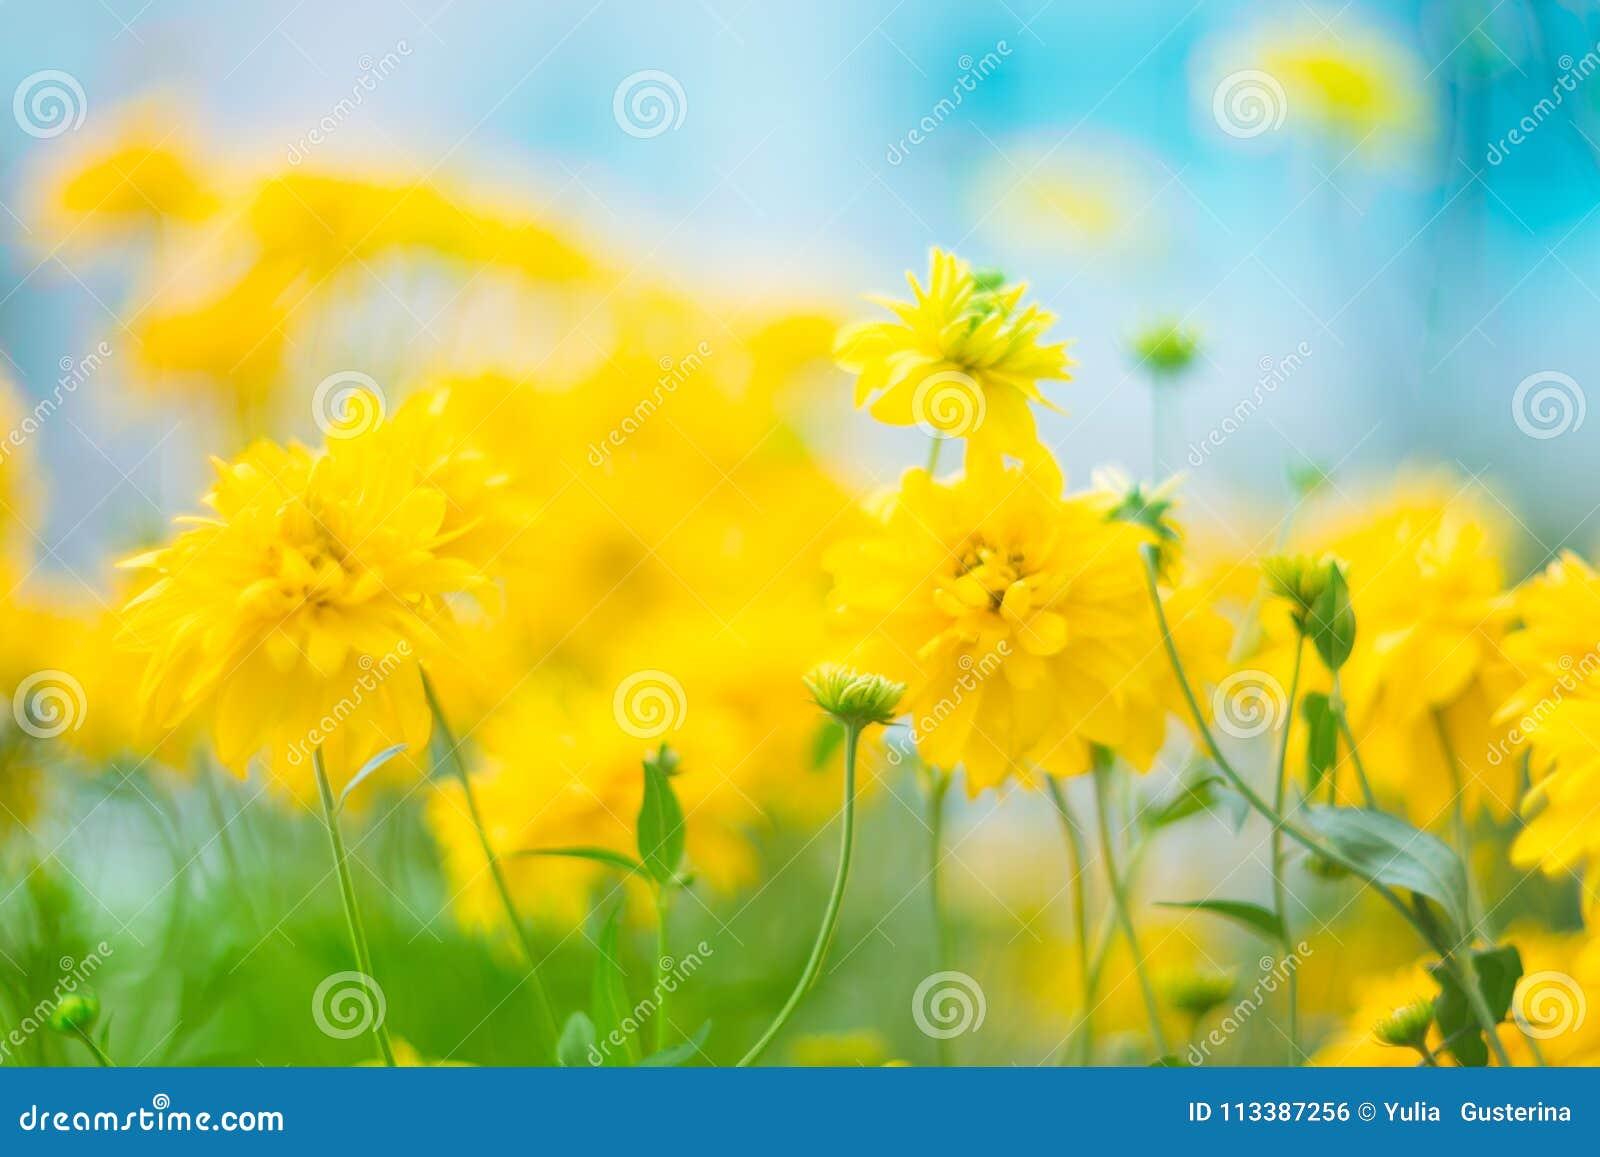 Flores amarelas bonitas com um foco muito macio no fundo do céu ciano Imagem artística, fundo floral natural com